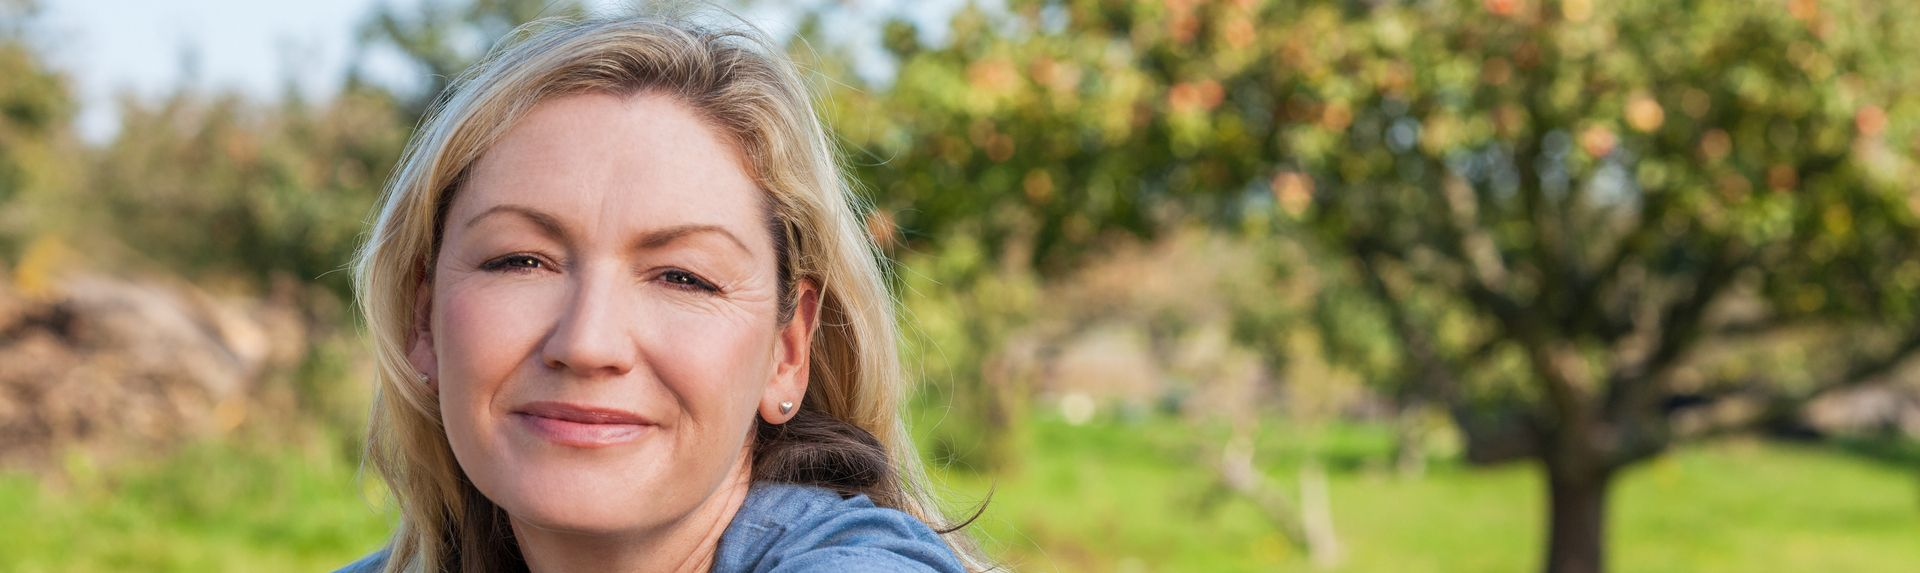 Какие заболевания чаще всего встречаются после 45 лет? И какие симптомы должны насторожить женщину?